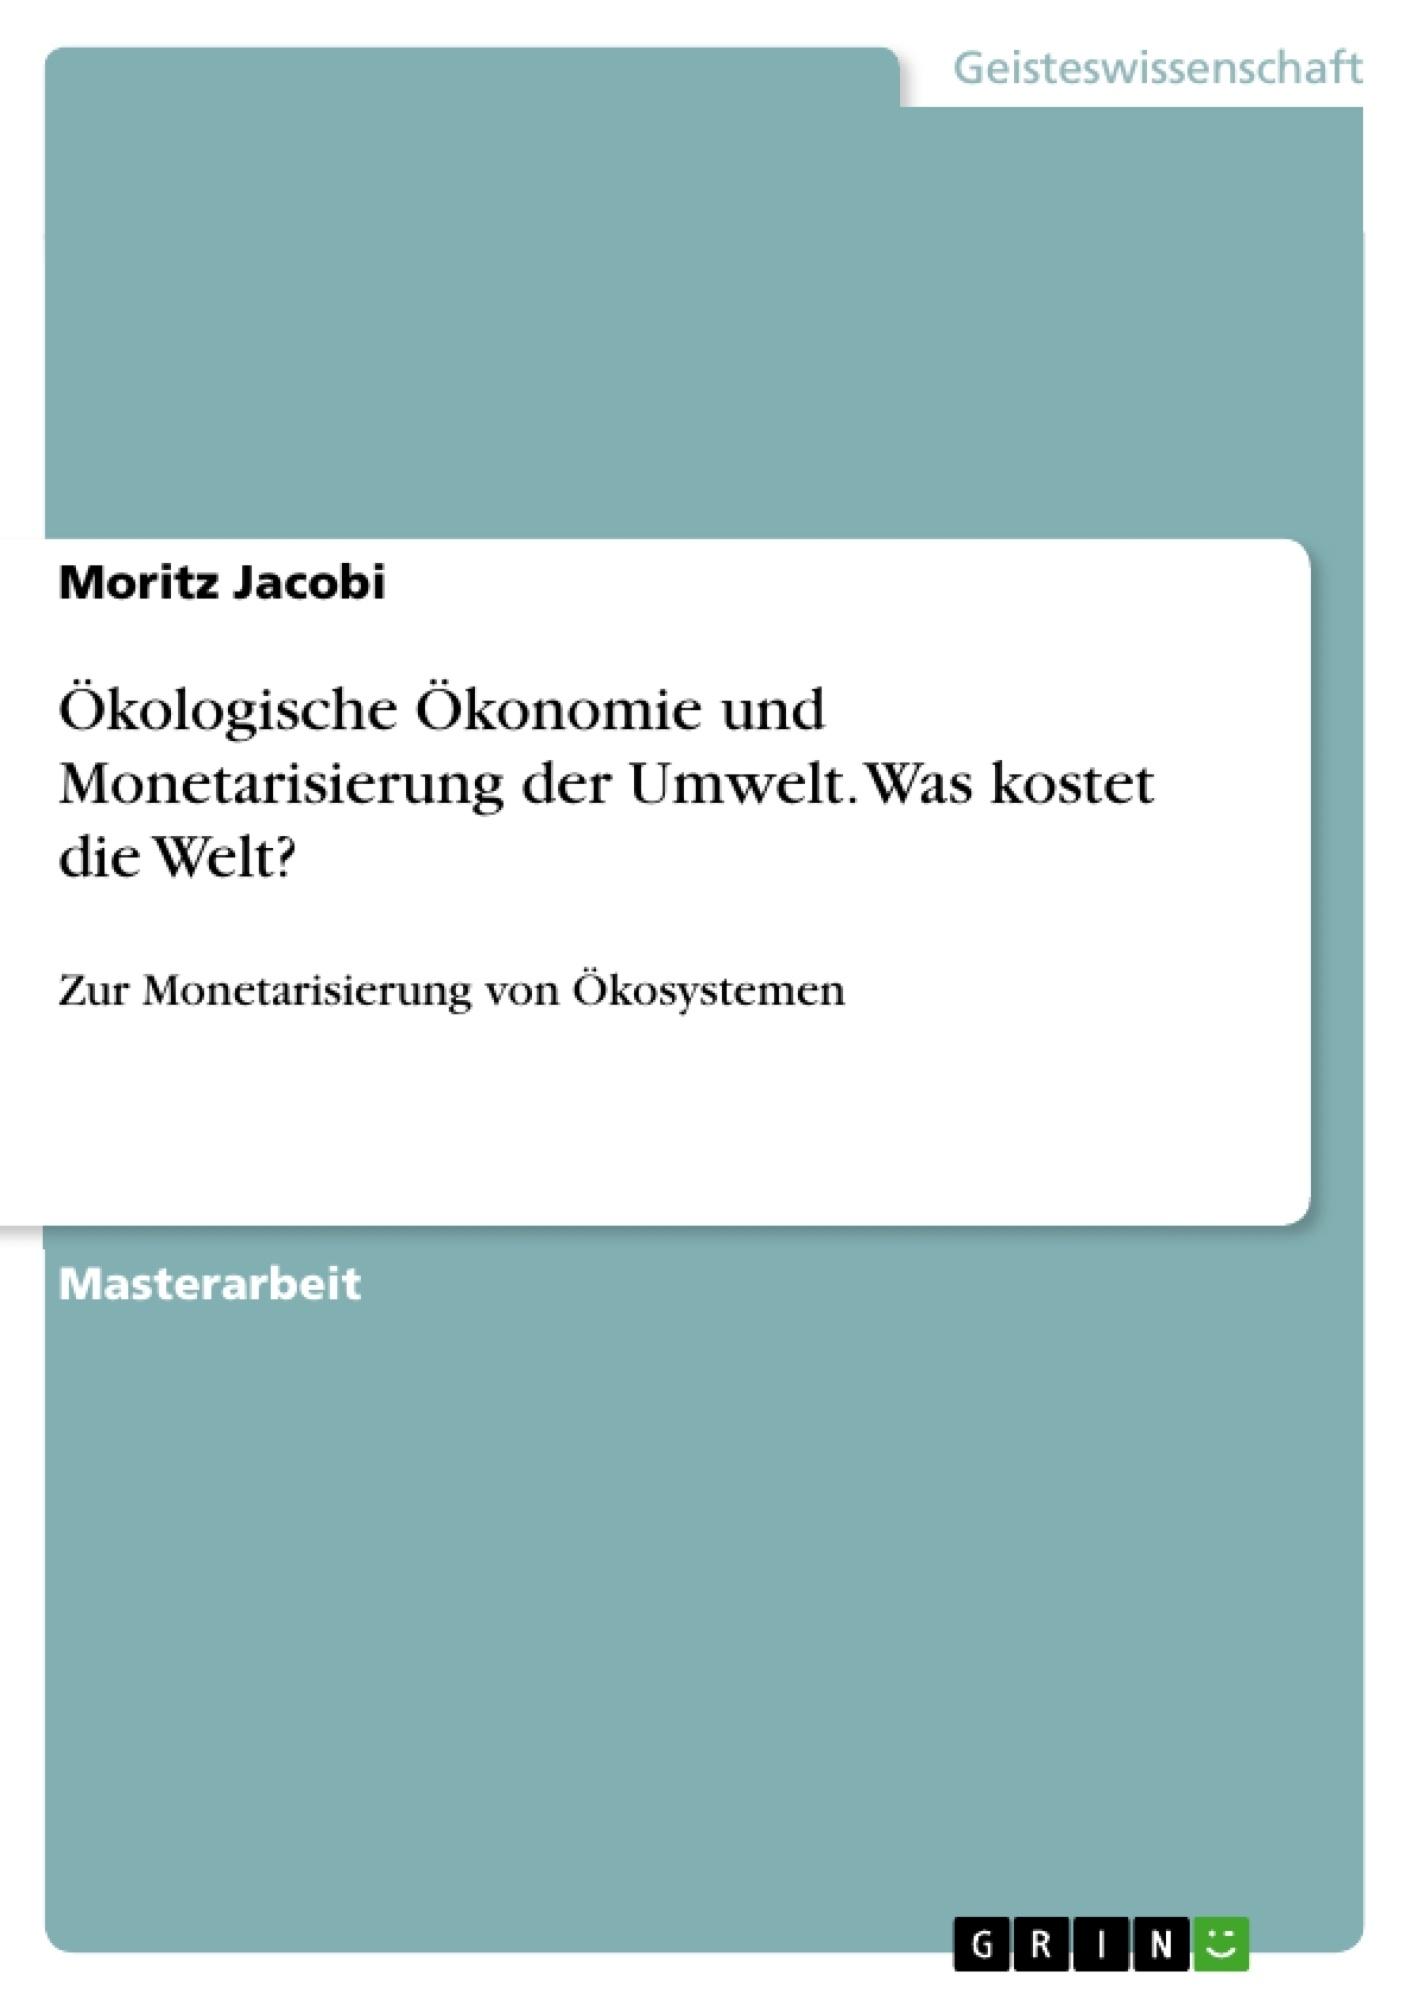 Titel: Ökologische Ökonomie und Monetarisierung der Umwelt. Was kostet die Welt?